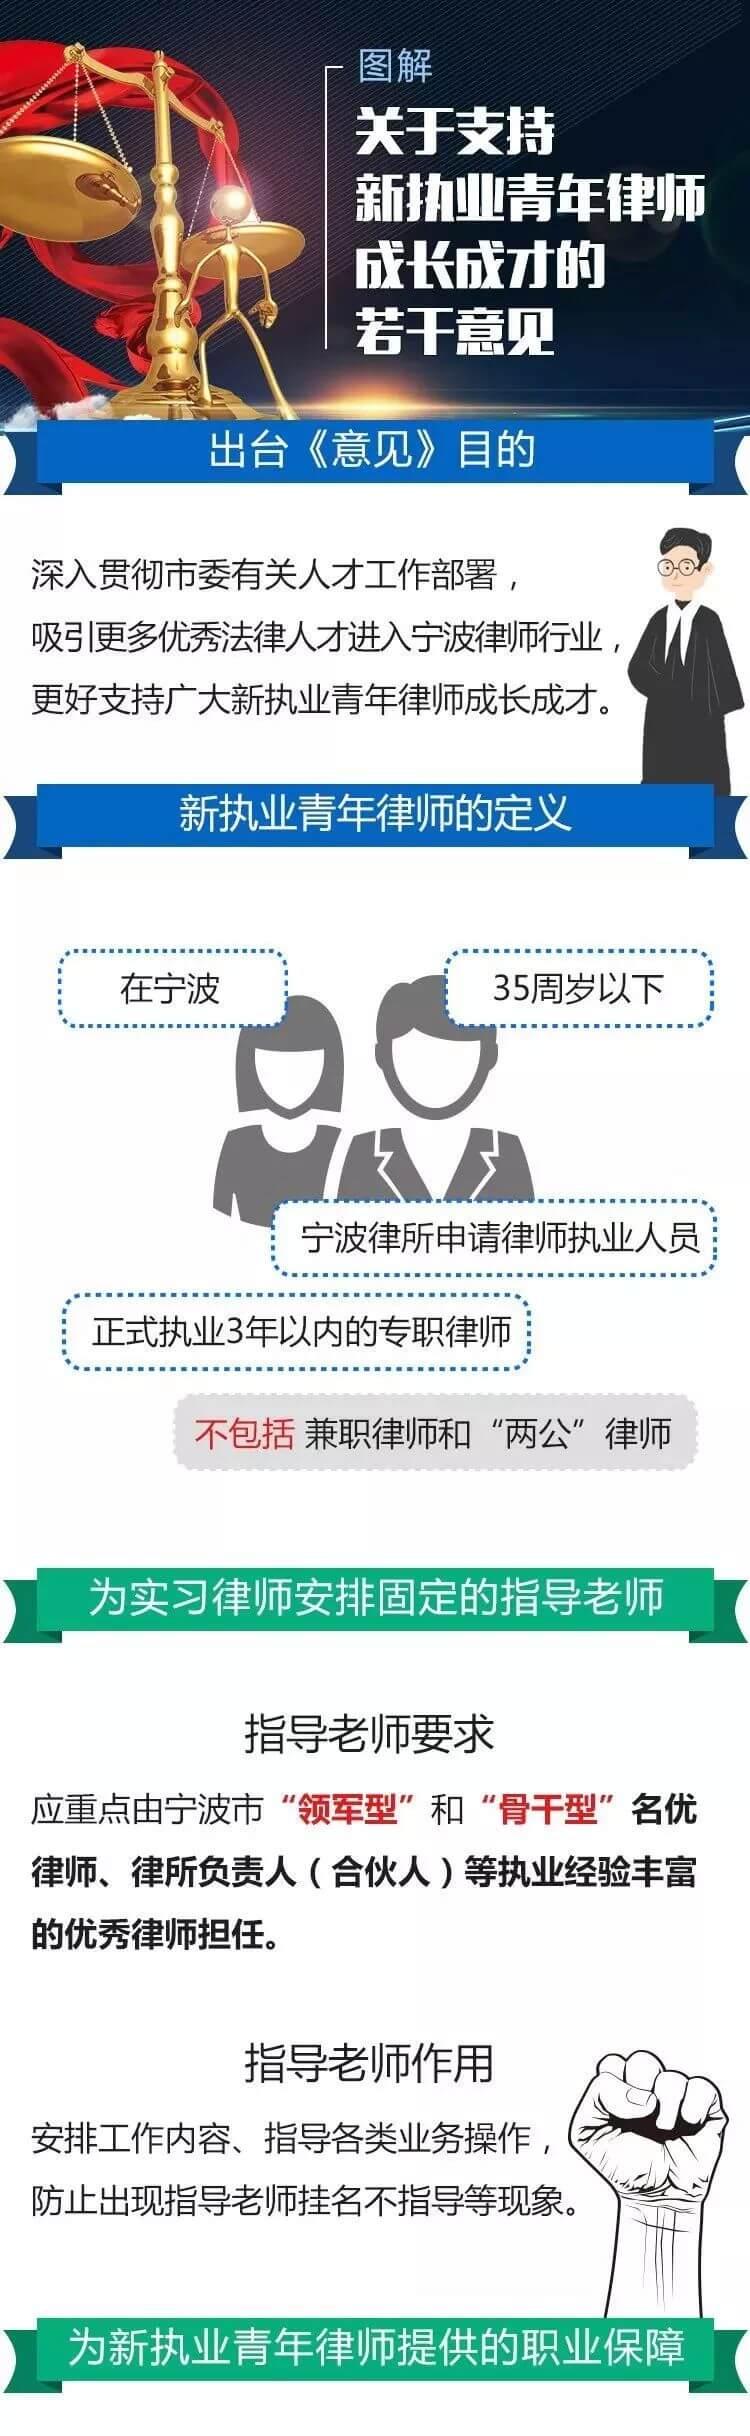 宁波出台《关于支持新执业青年律师成长成才的若干意见》